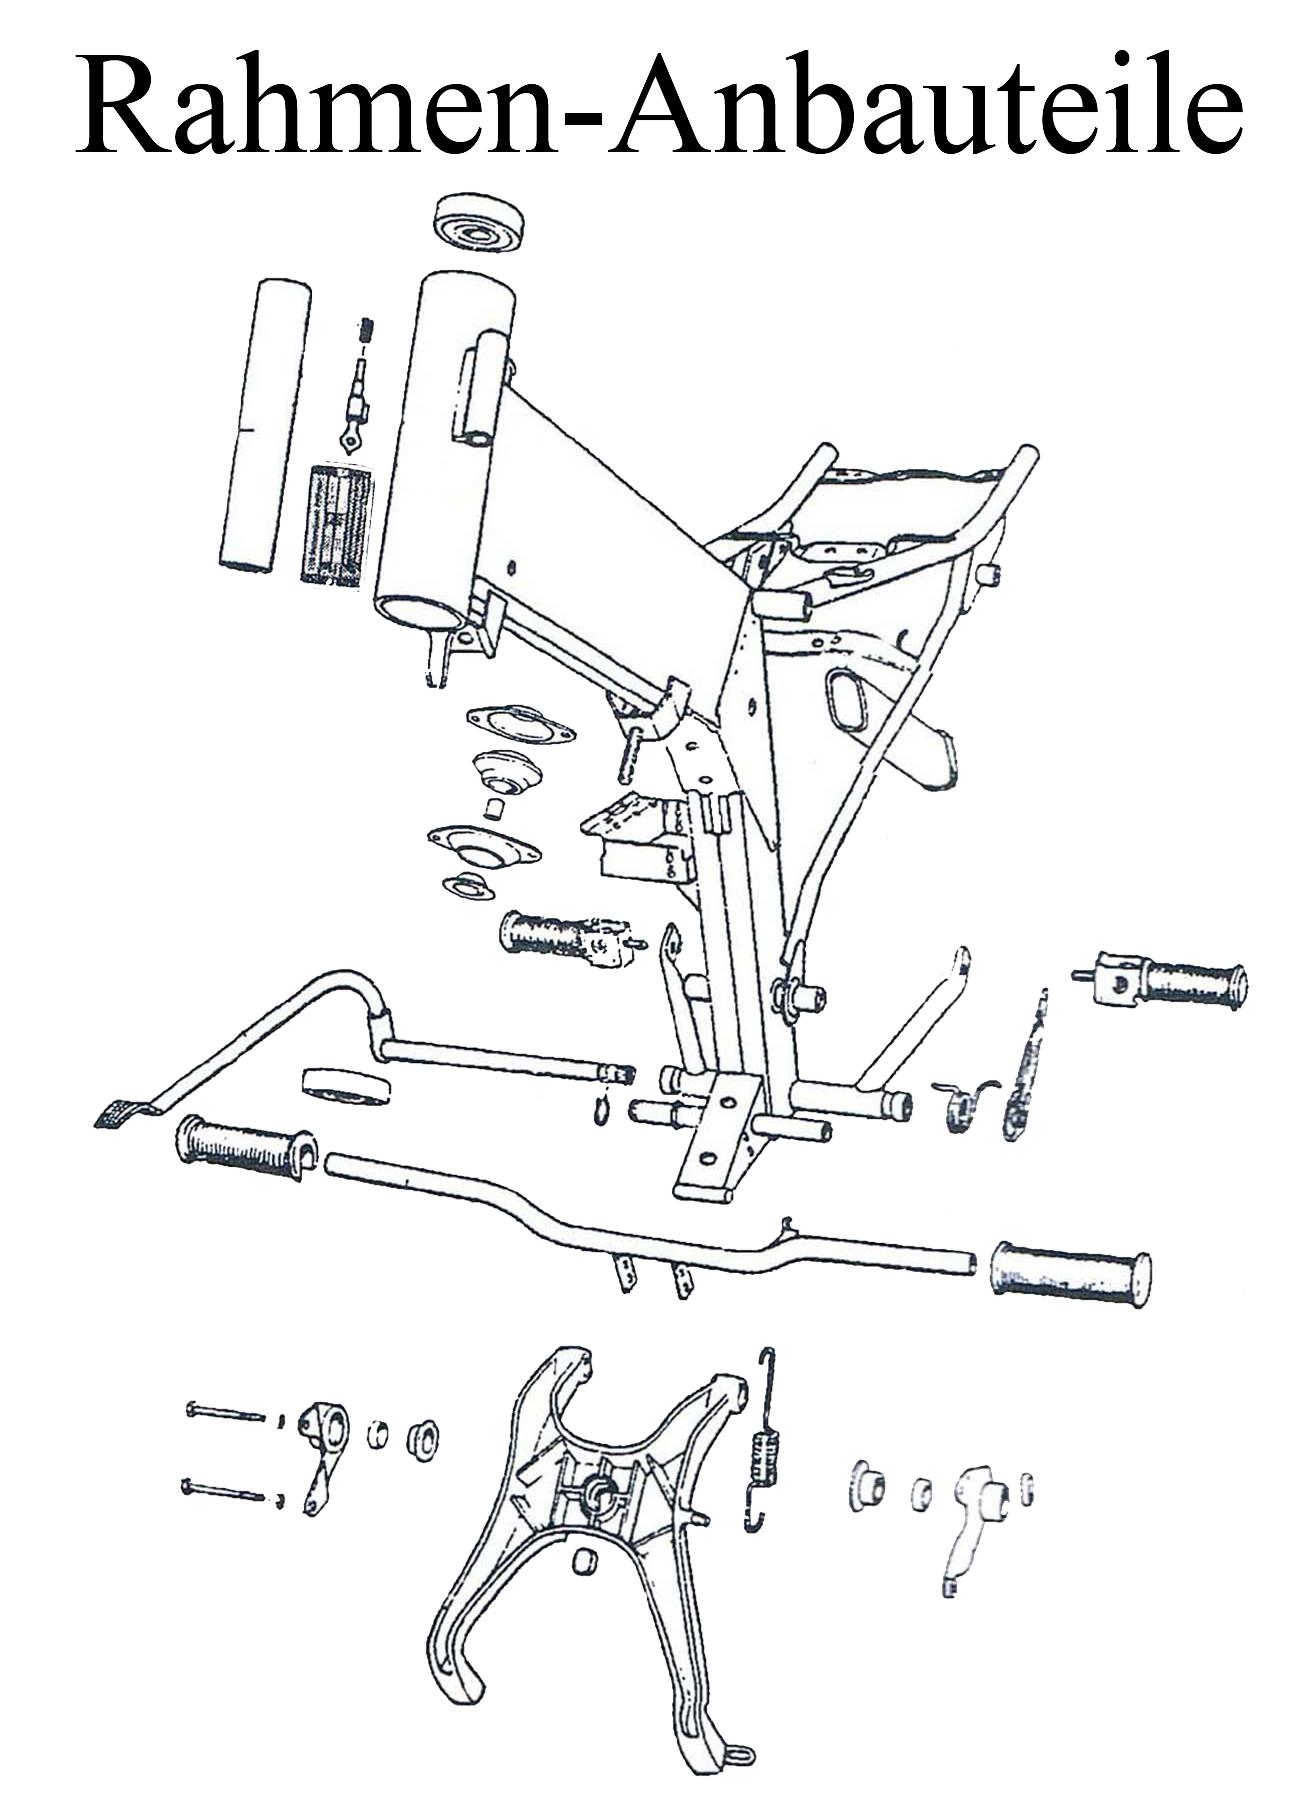 MZ ETZ 125-150 Ersatzteileliste Rahmen Anbauteile Fahrgestell Typenschild Lenkerschloß Fußrastengummi Motorschuh Ständerfeder Soziusfußrasten Bremshebel